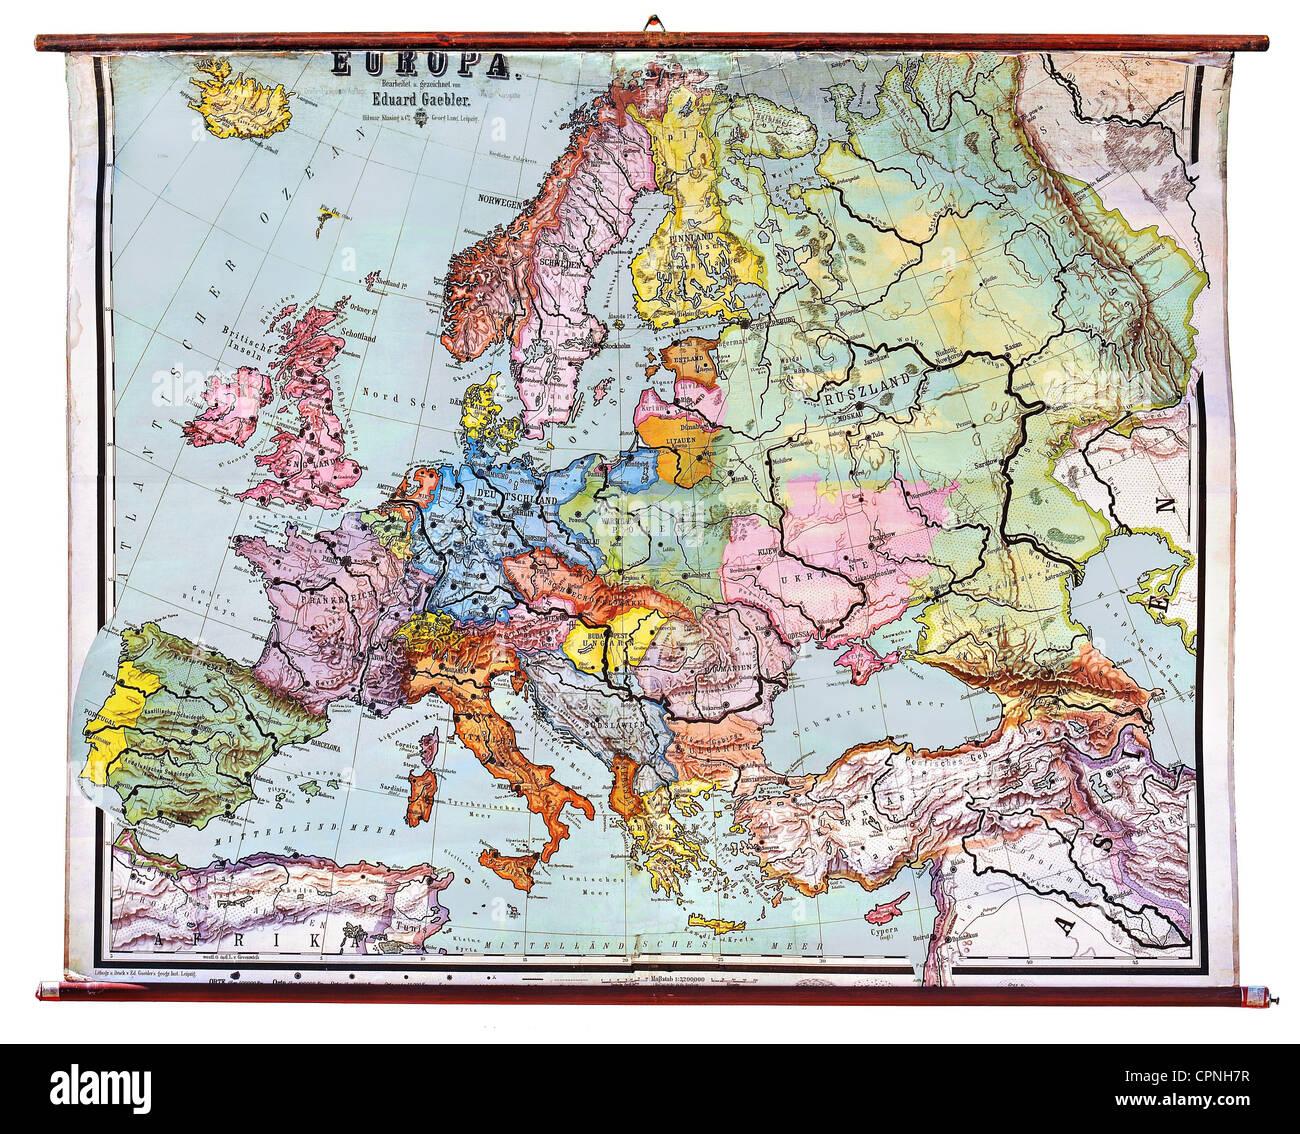 Kartographie Historische Karte Euroboard Europa Nach Dem Ersten